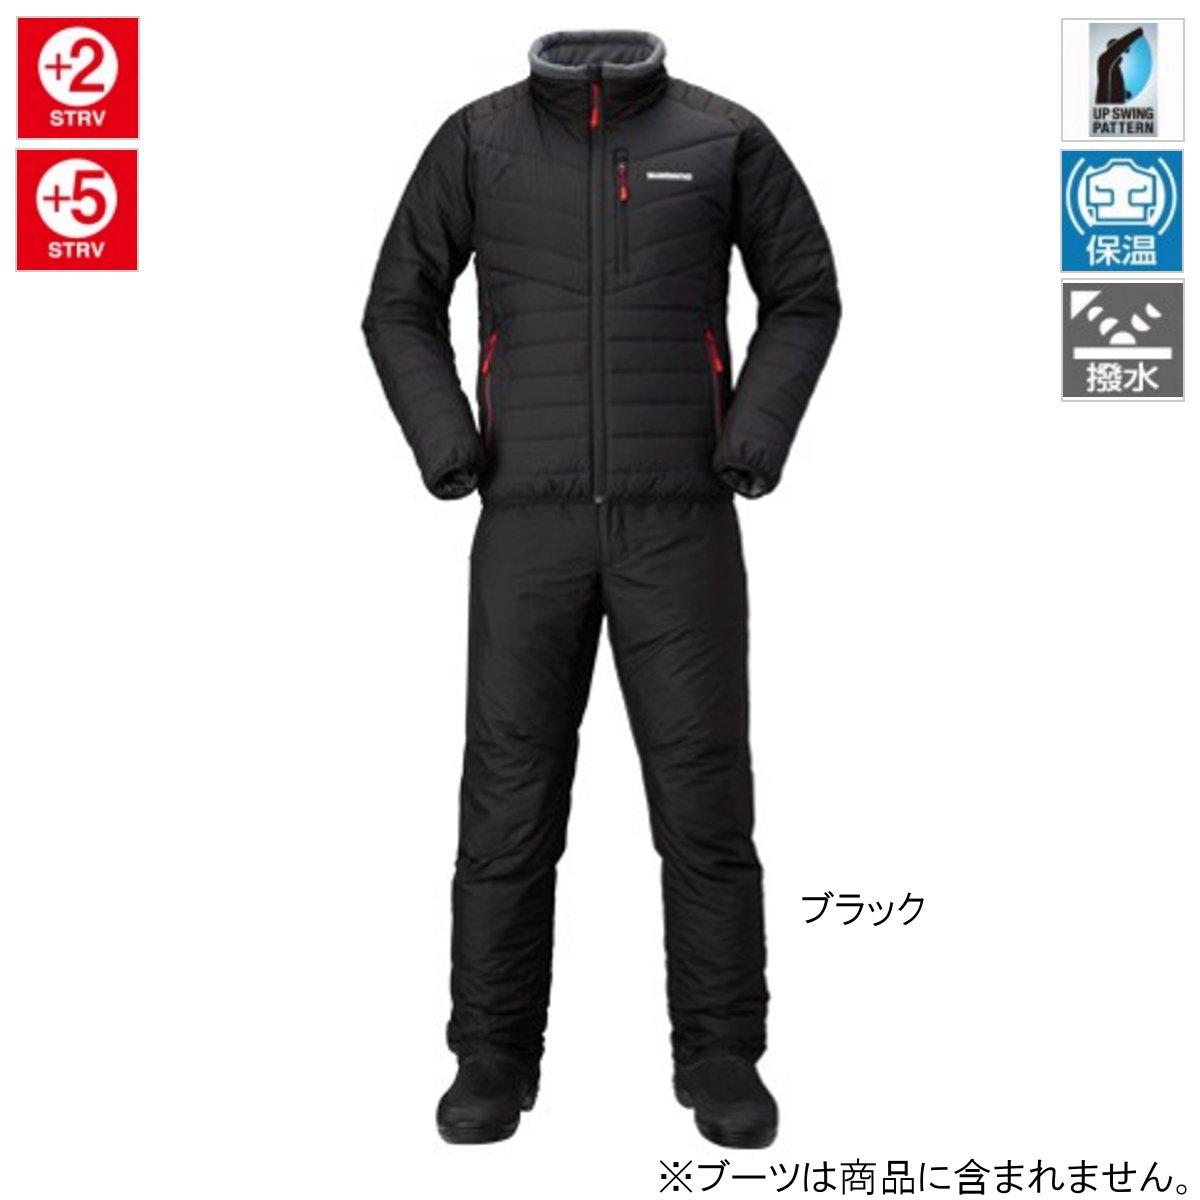 シマノ ベーシック インシュレーション スーツ MD-055Q L ブラック(東日本店)